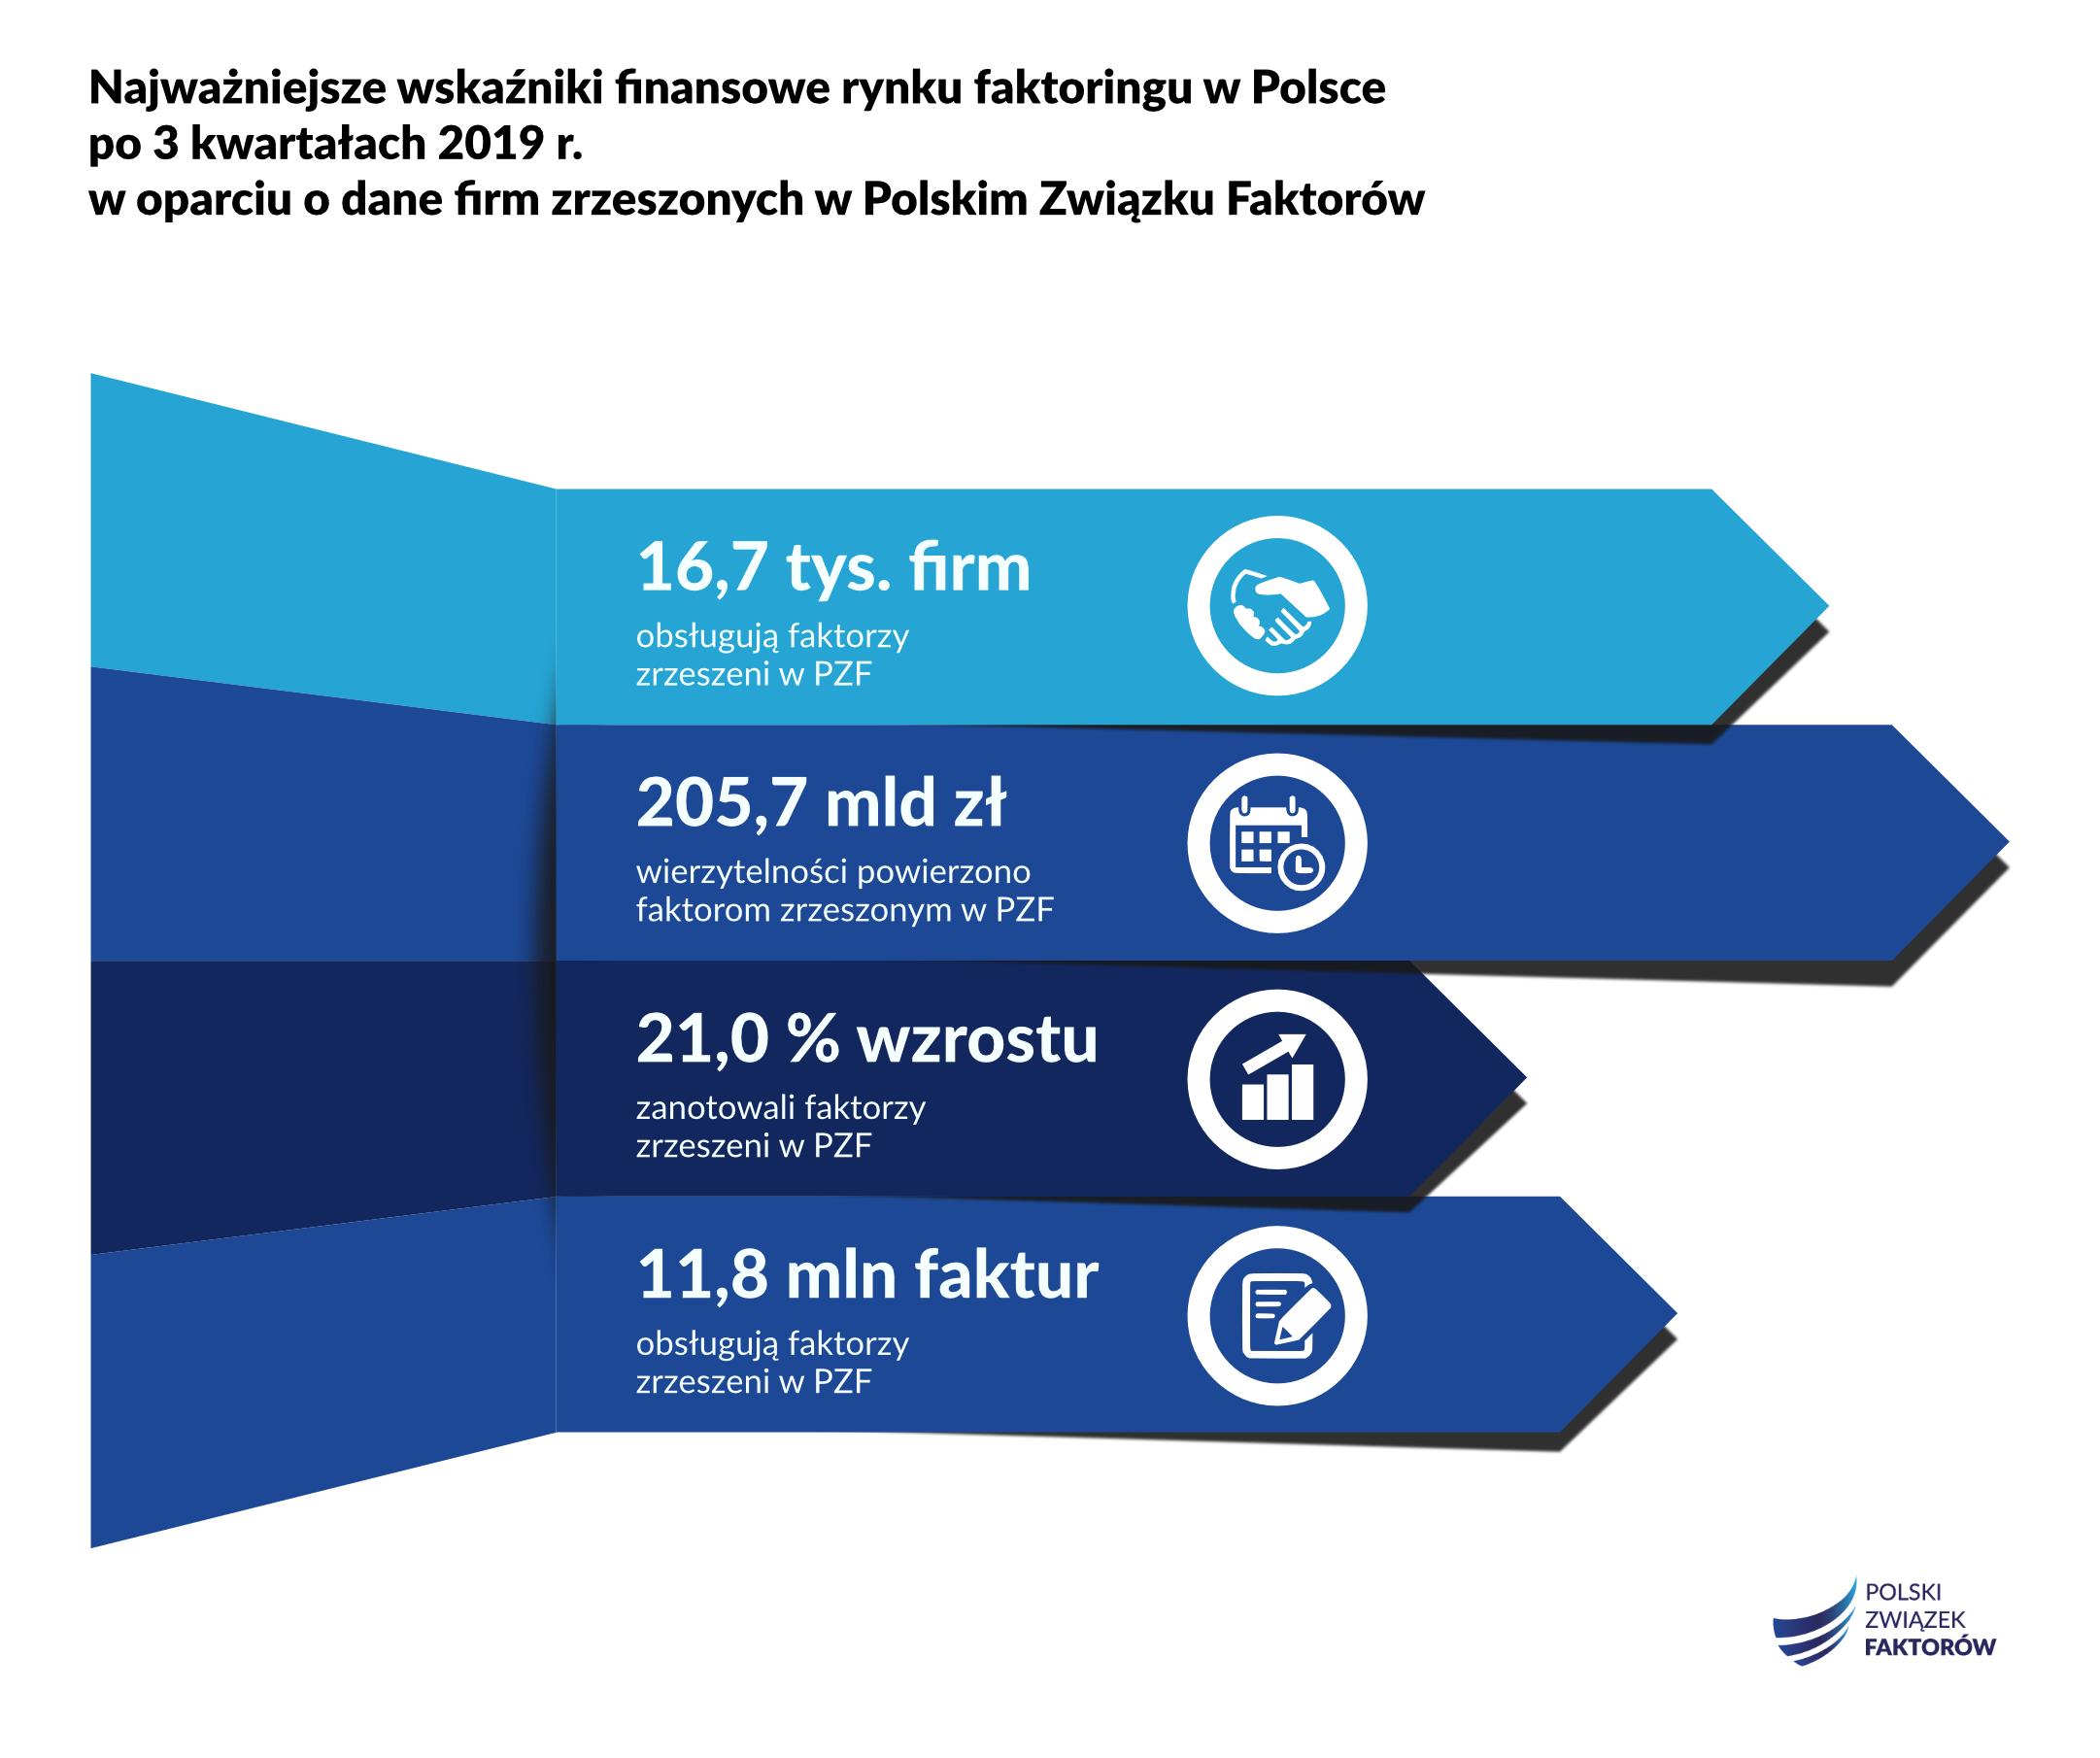 faktoring 3 kw 2019 – Polski Związek Faktorów